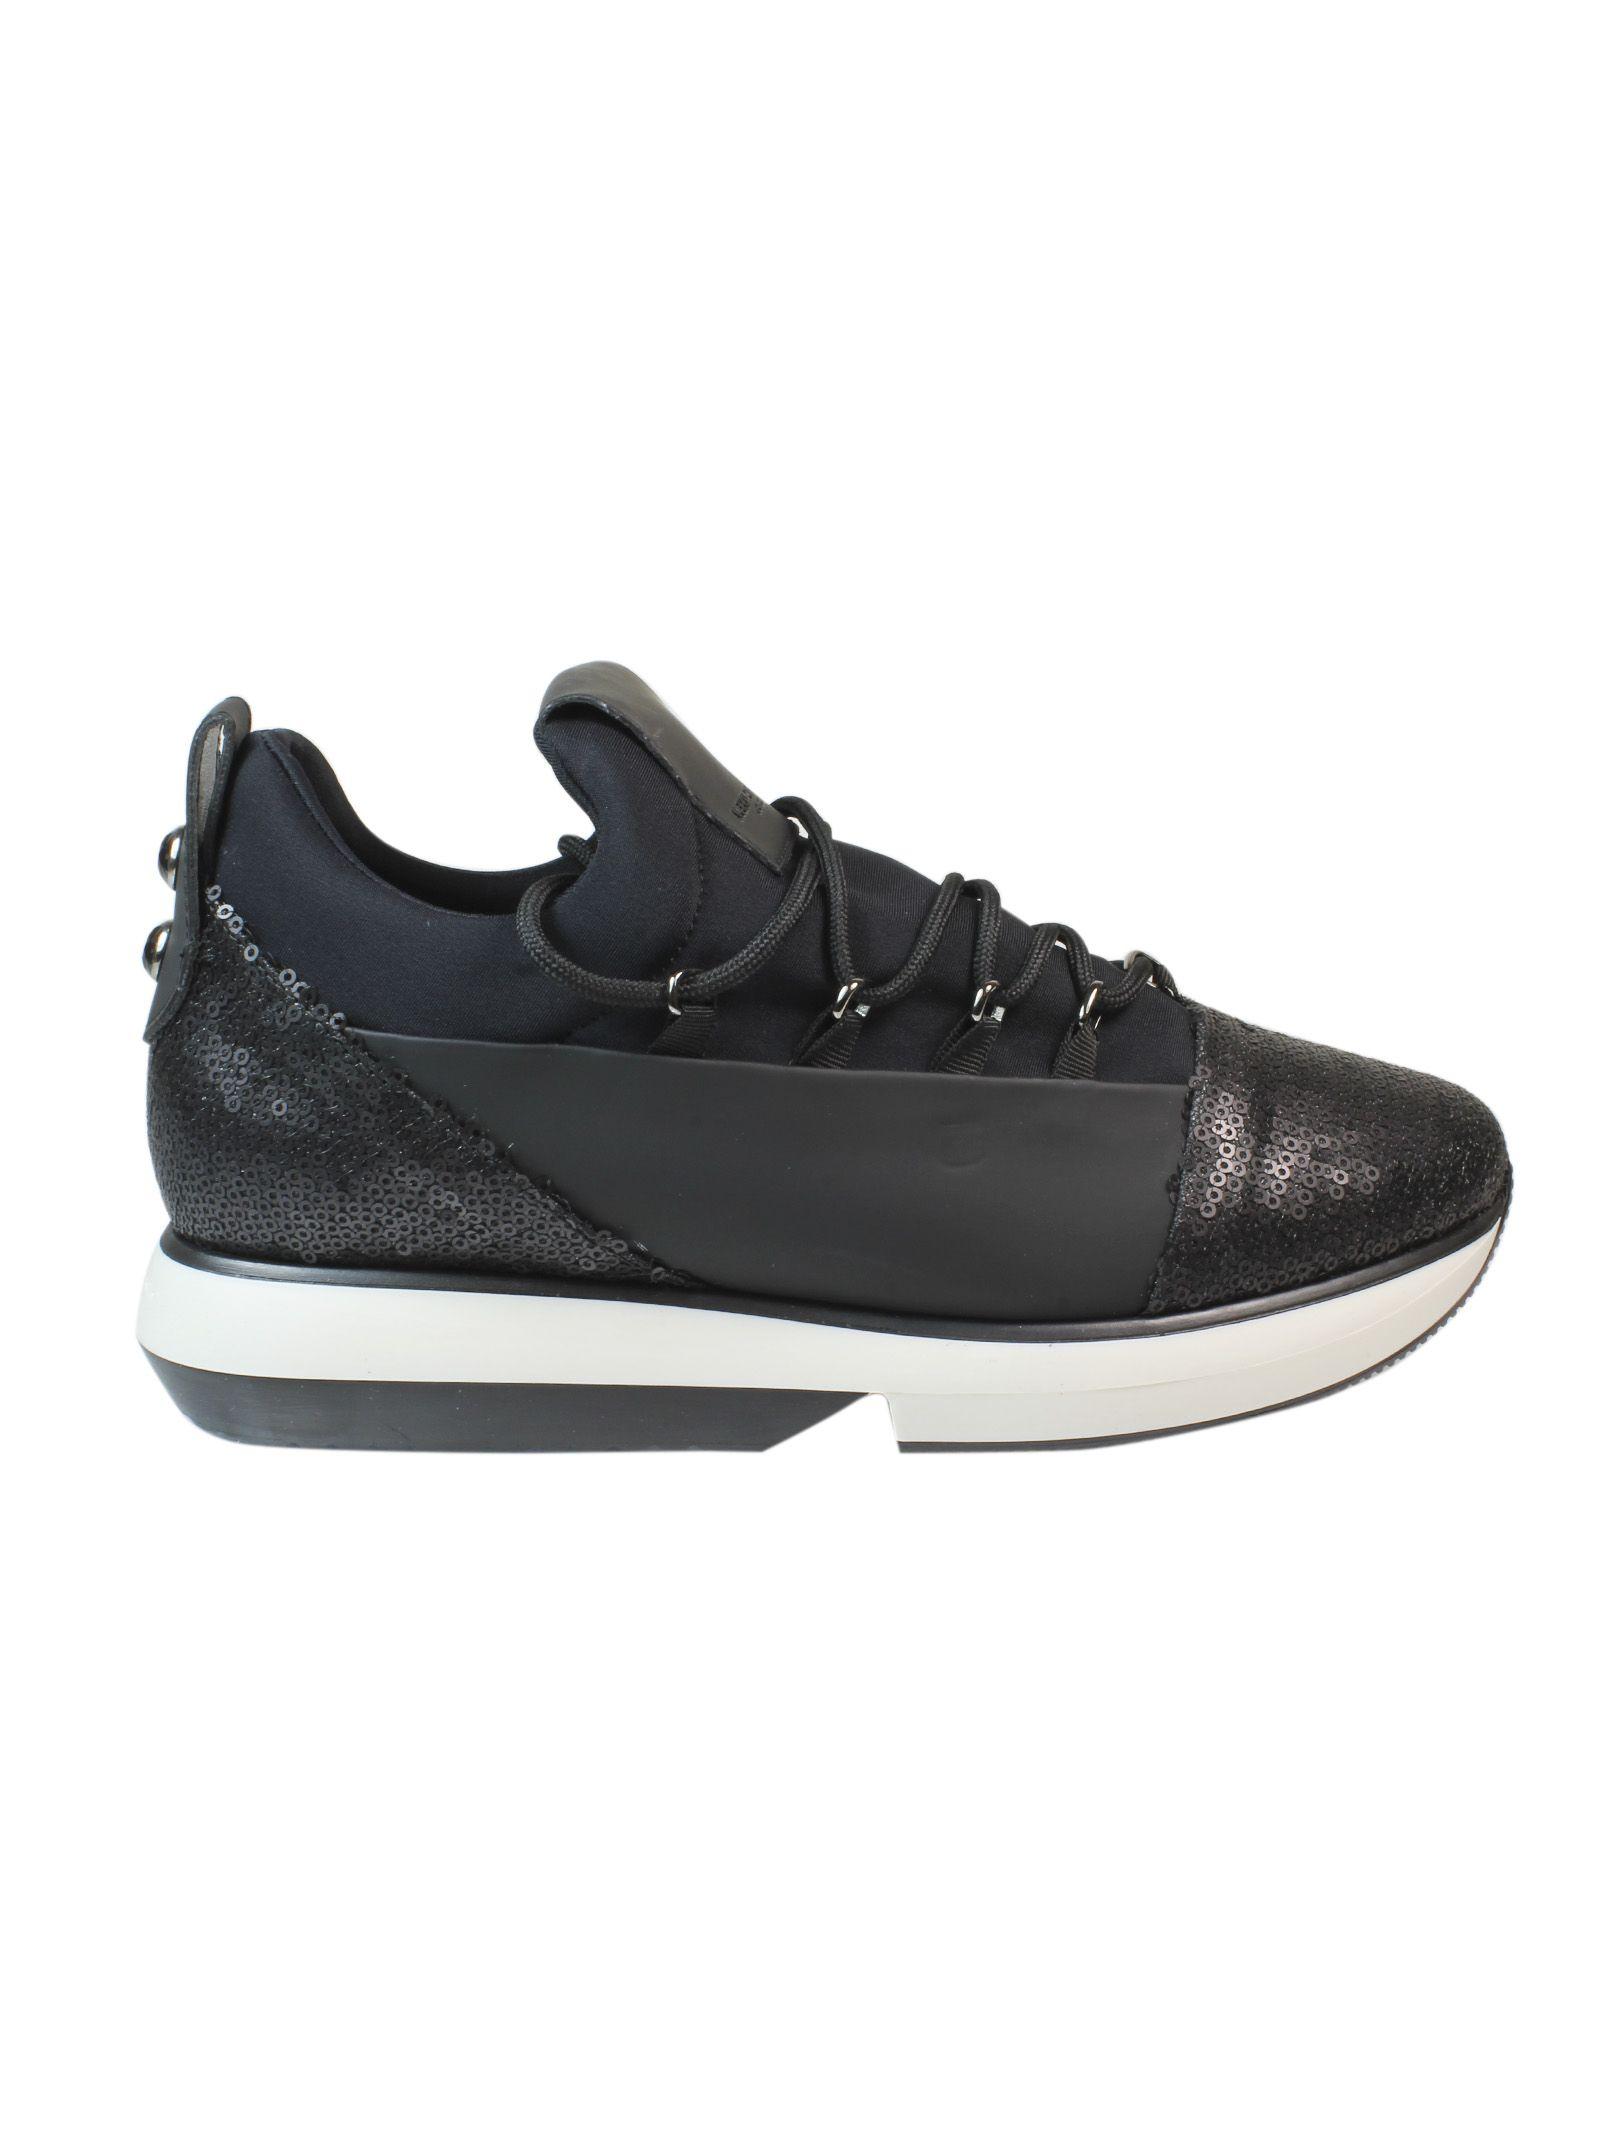 Black Sequins Sneakers